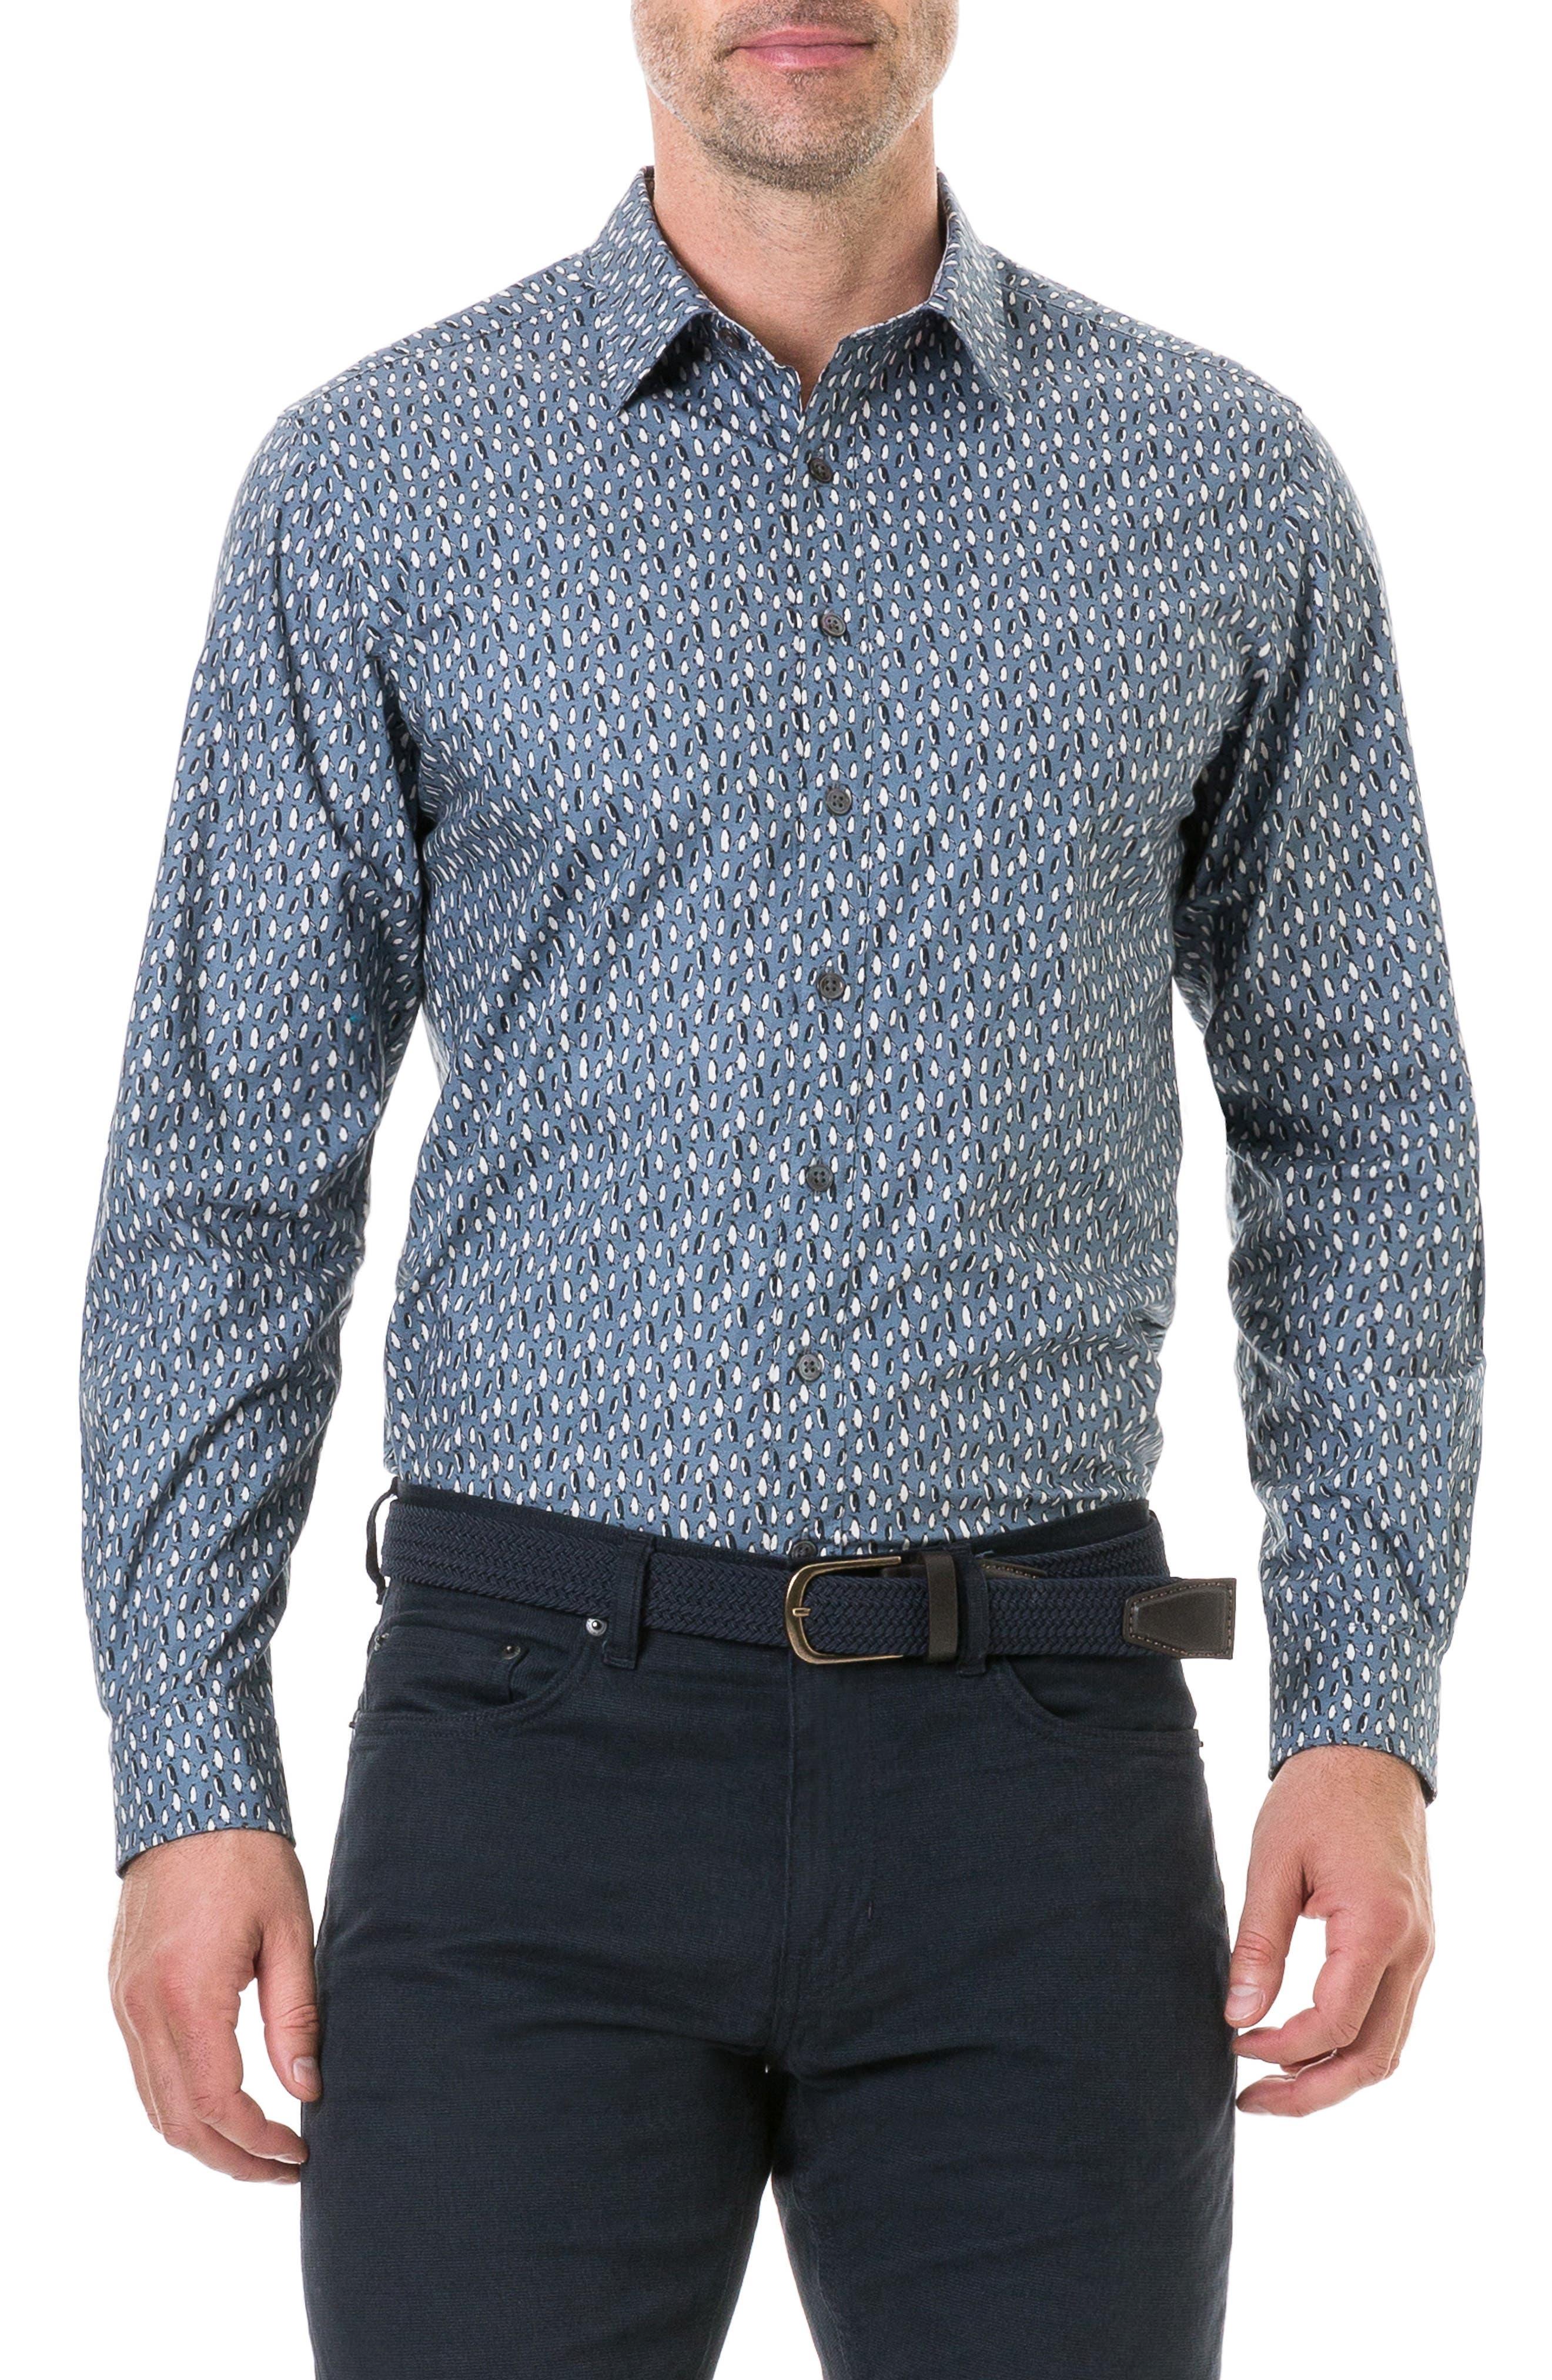 Chappel West Regular Fit Penguin Print Sport Shirt,                         Main,                         color, BLUE GRAPHITE